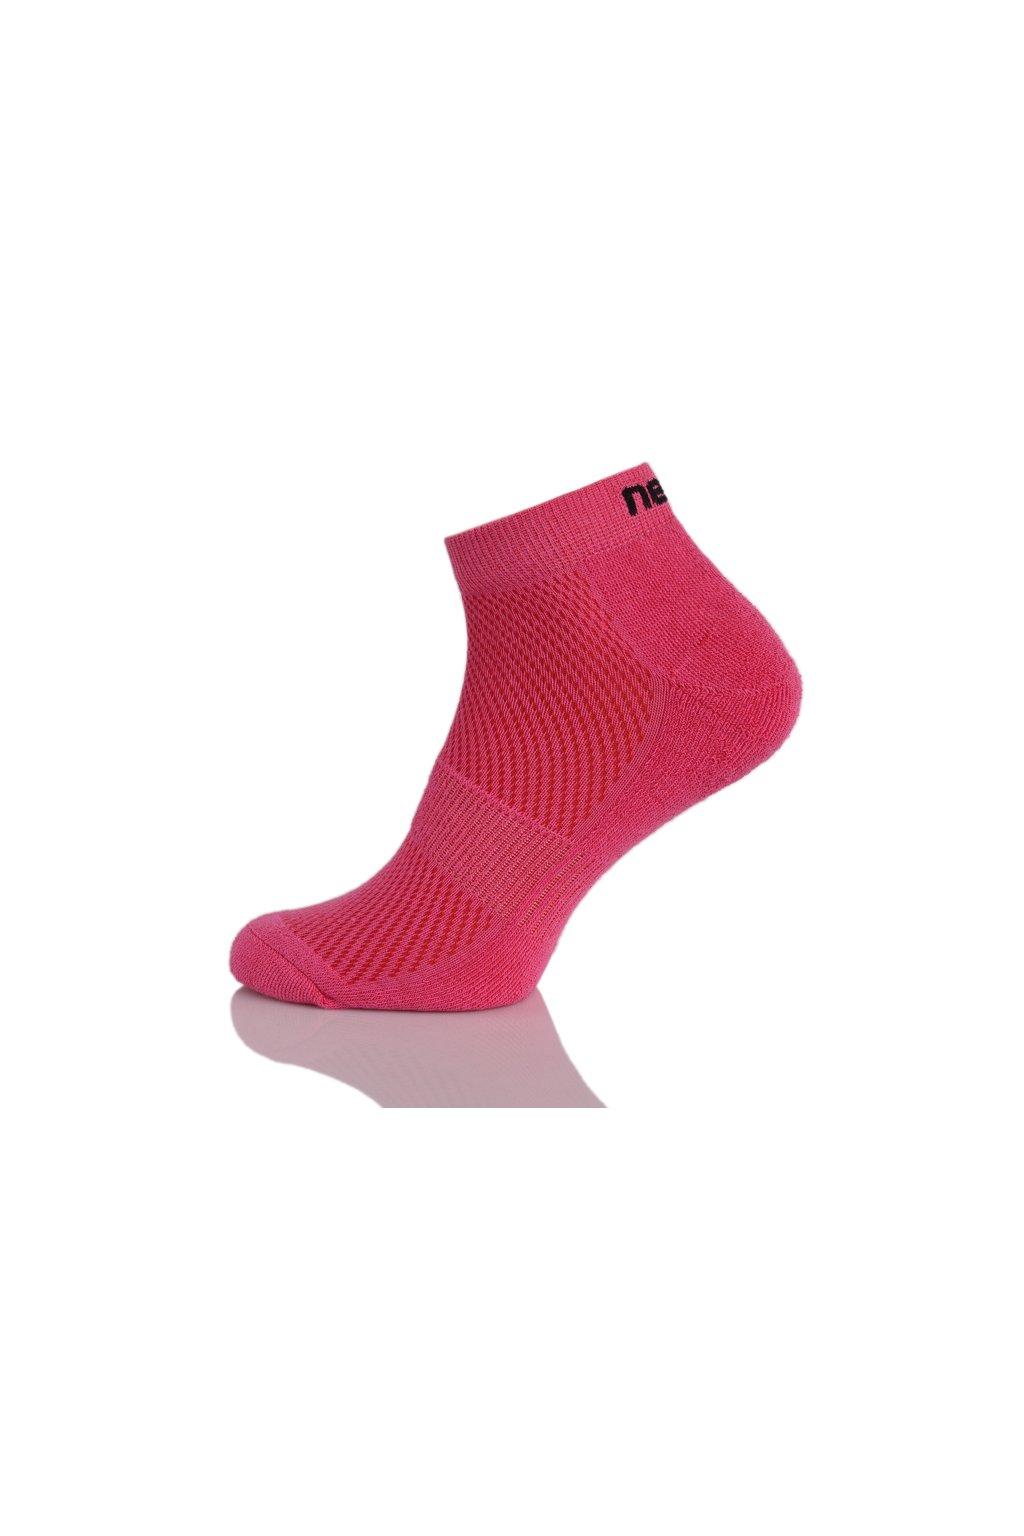 Bavlněné Termoaktivní kotnikové ponožky ST 12 1